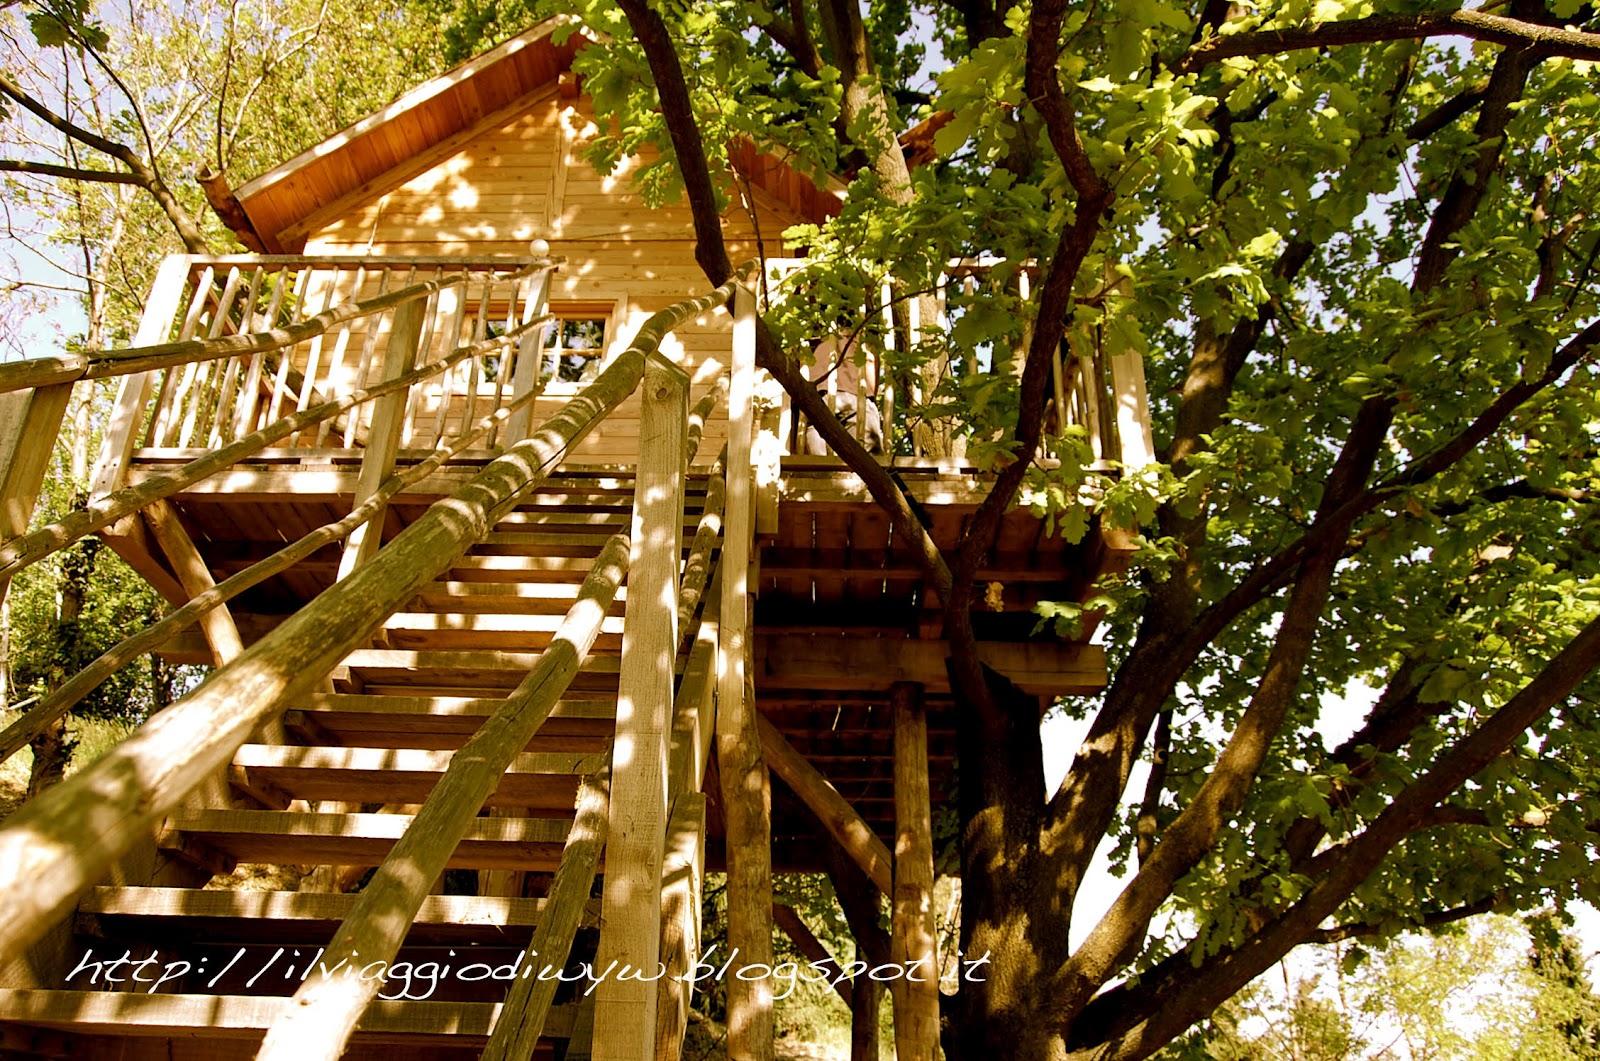 Costruire una casa sull albero per bambini agriturismo la piantata viterbo with costruire una - Costruire casa albero ...